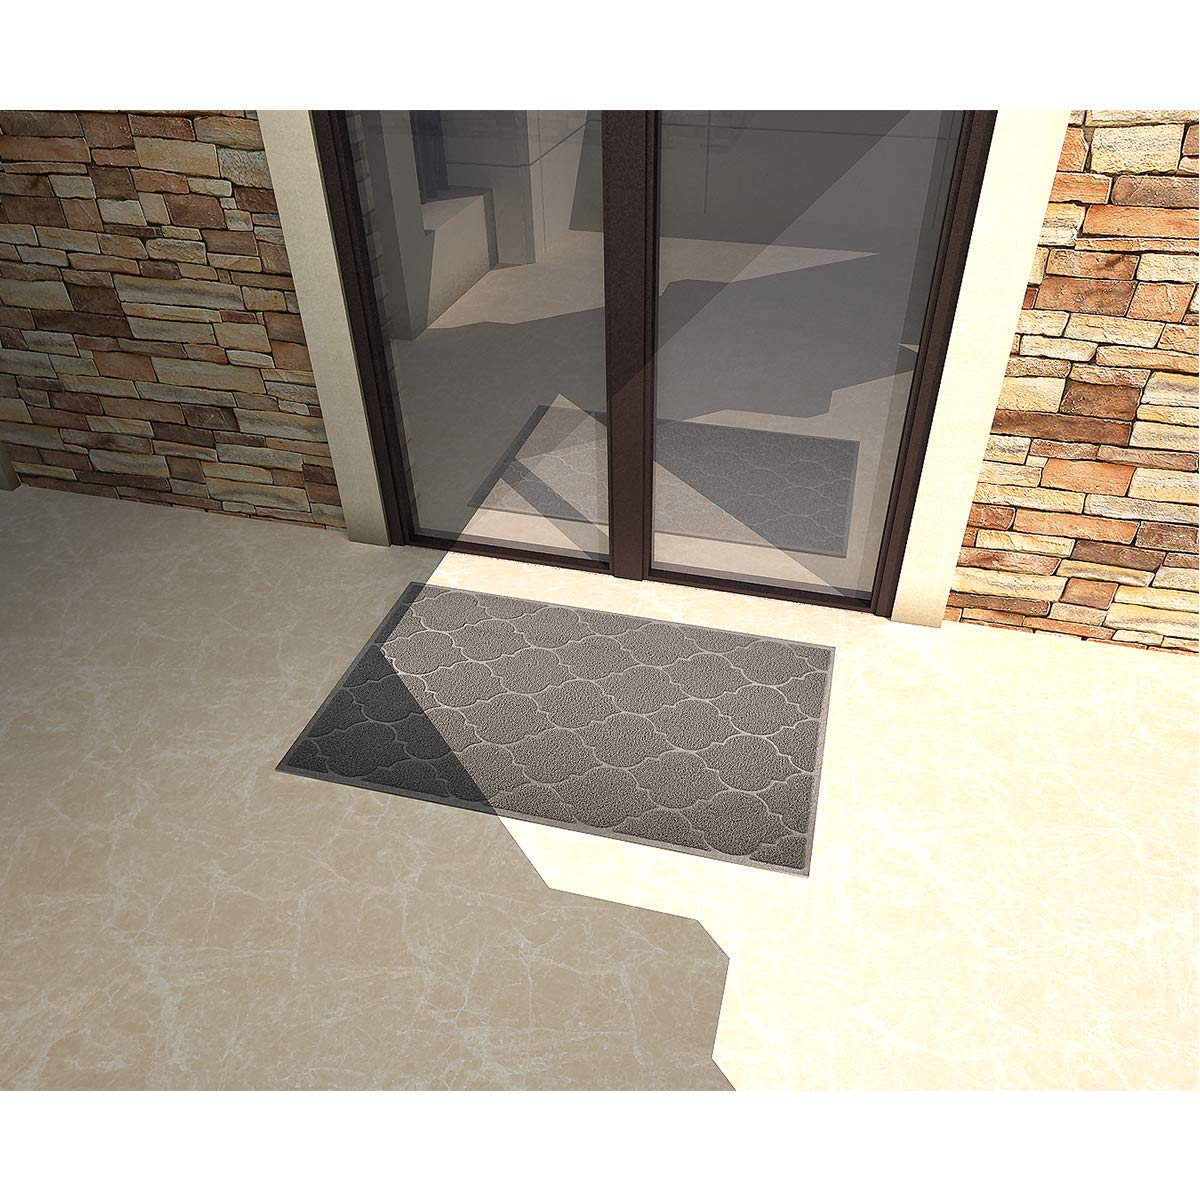 Entryway Rug,Front Doormat Inside Outside Non Slip Large Door Mats,46x35 Inches XL Jumbo Size Outdoor Indoor Entrance Doormat Waterproof Easy Clean Grey